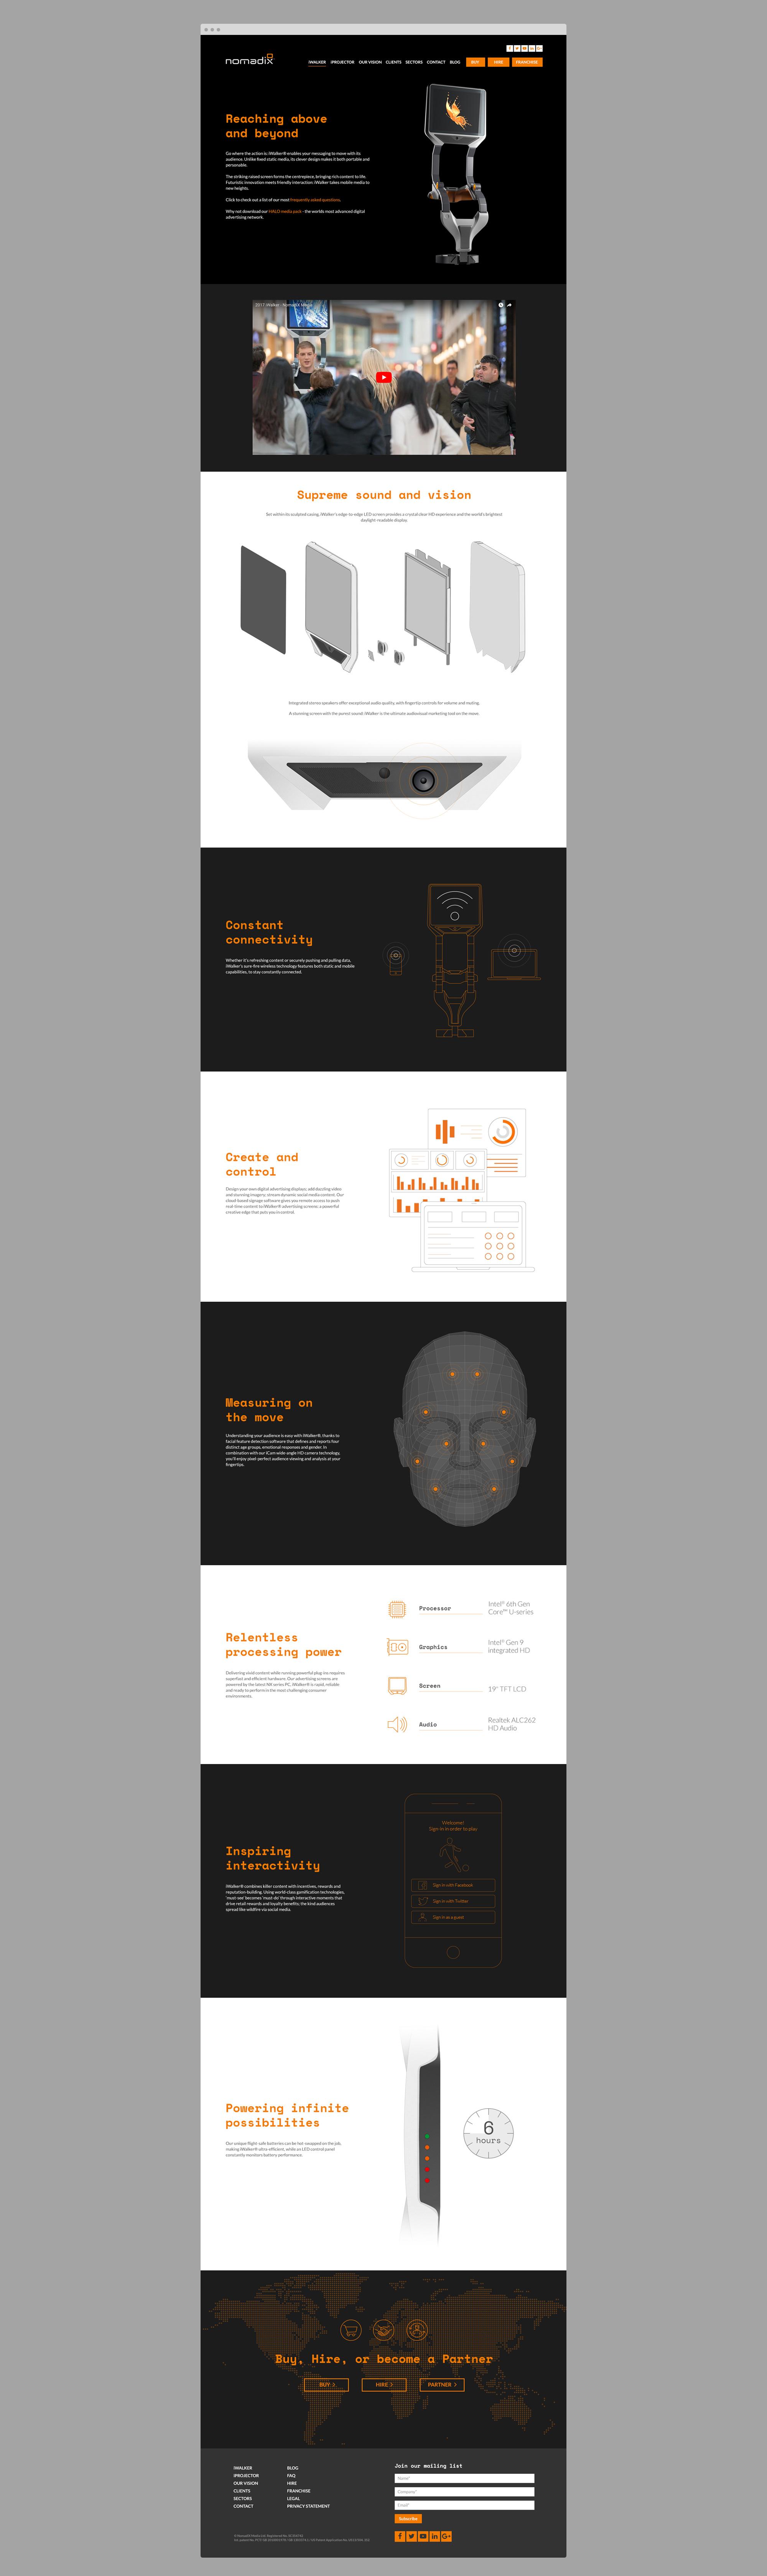 web-mocks-iprojector.jpg